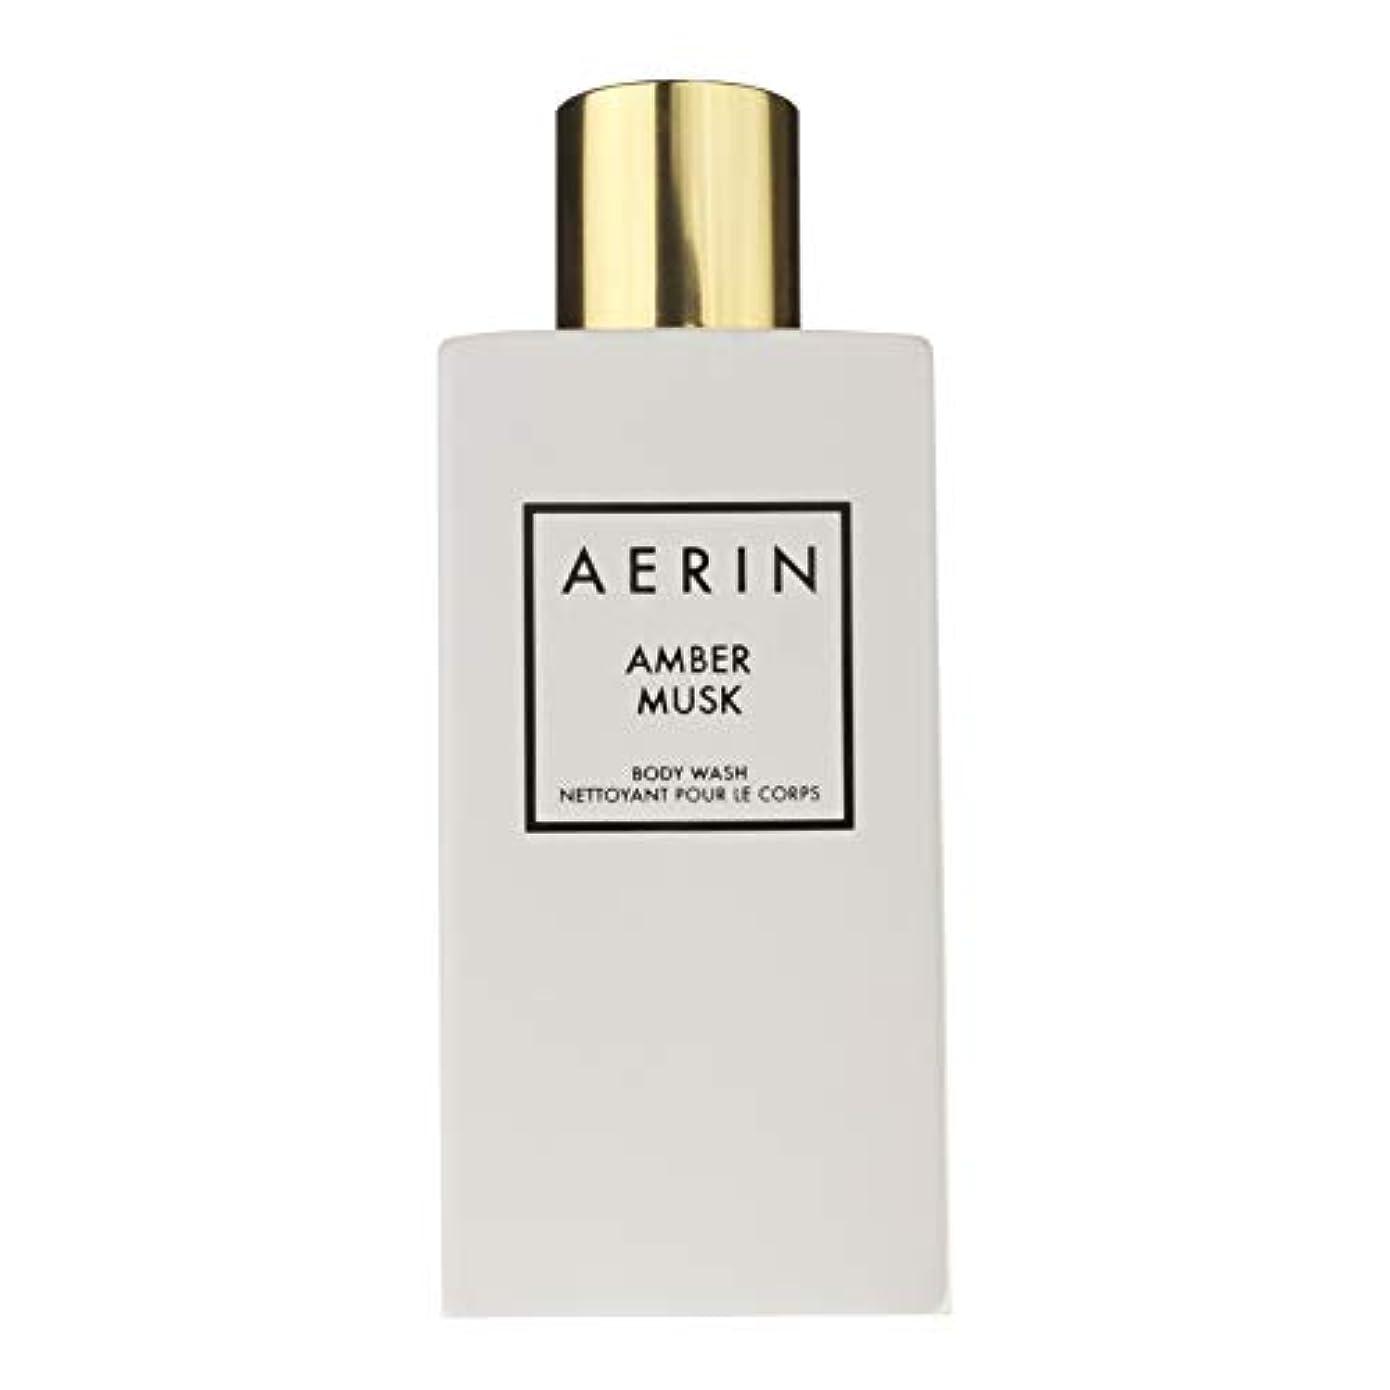 浴格納吐き出すAERIN 'Amber Musk' (アエリン アンバームスク) 7.6 oz (228ml) Body Wash ボディーウオッシュ by Estee Lauder